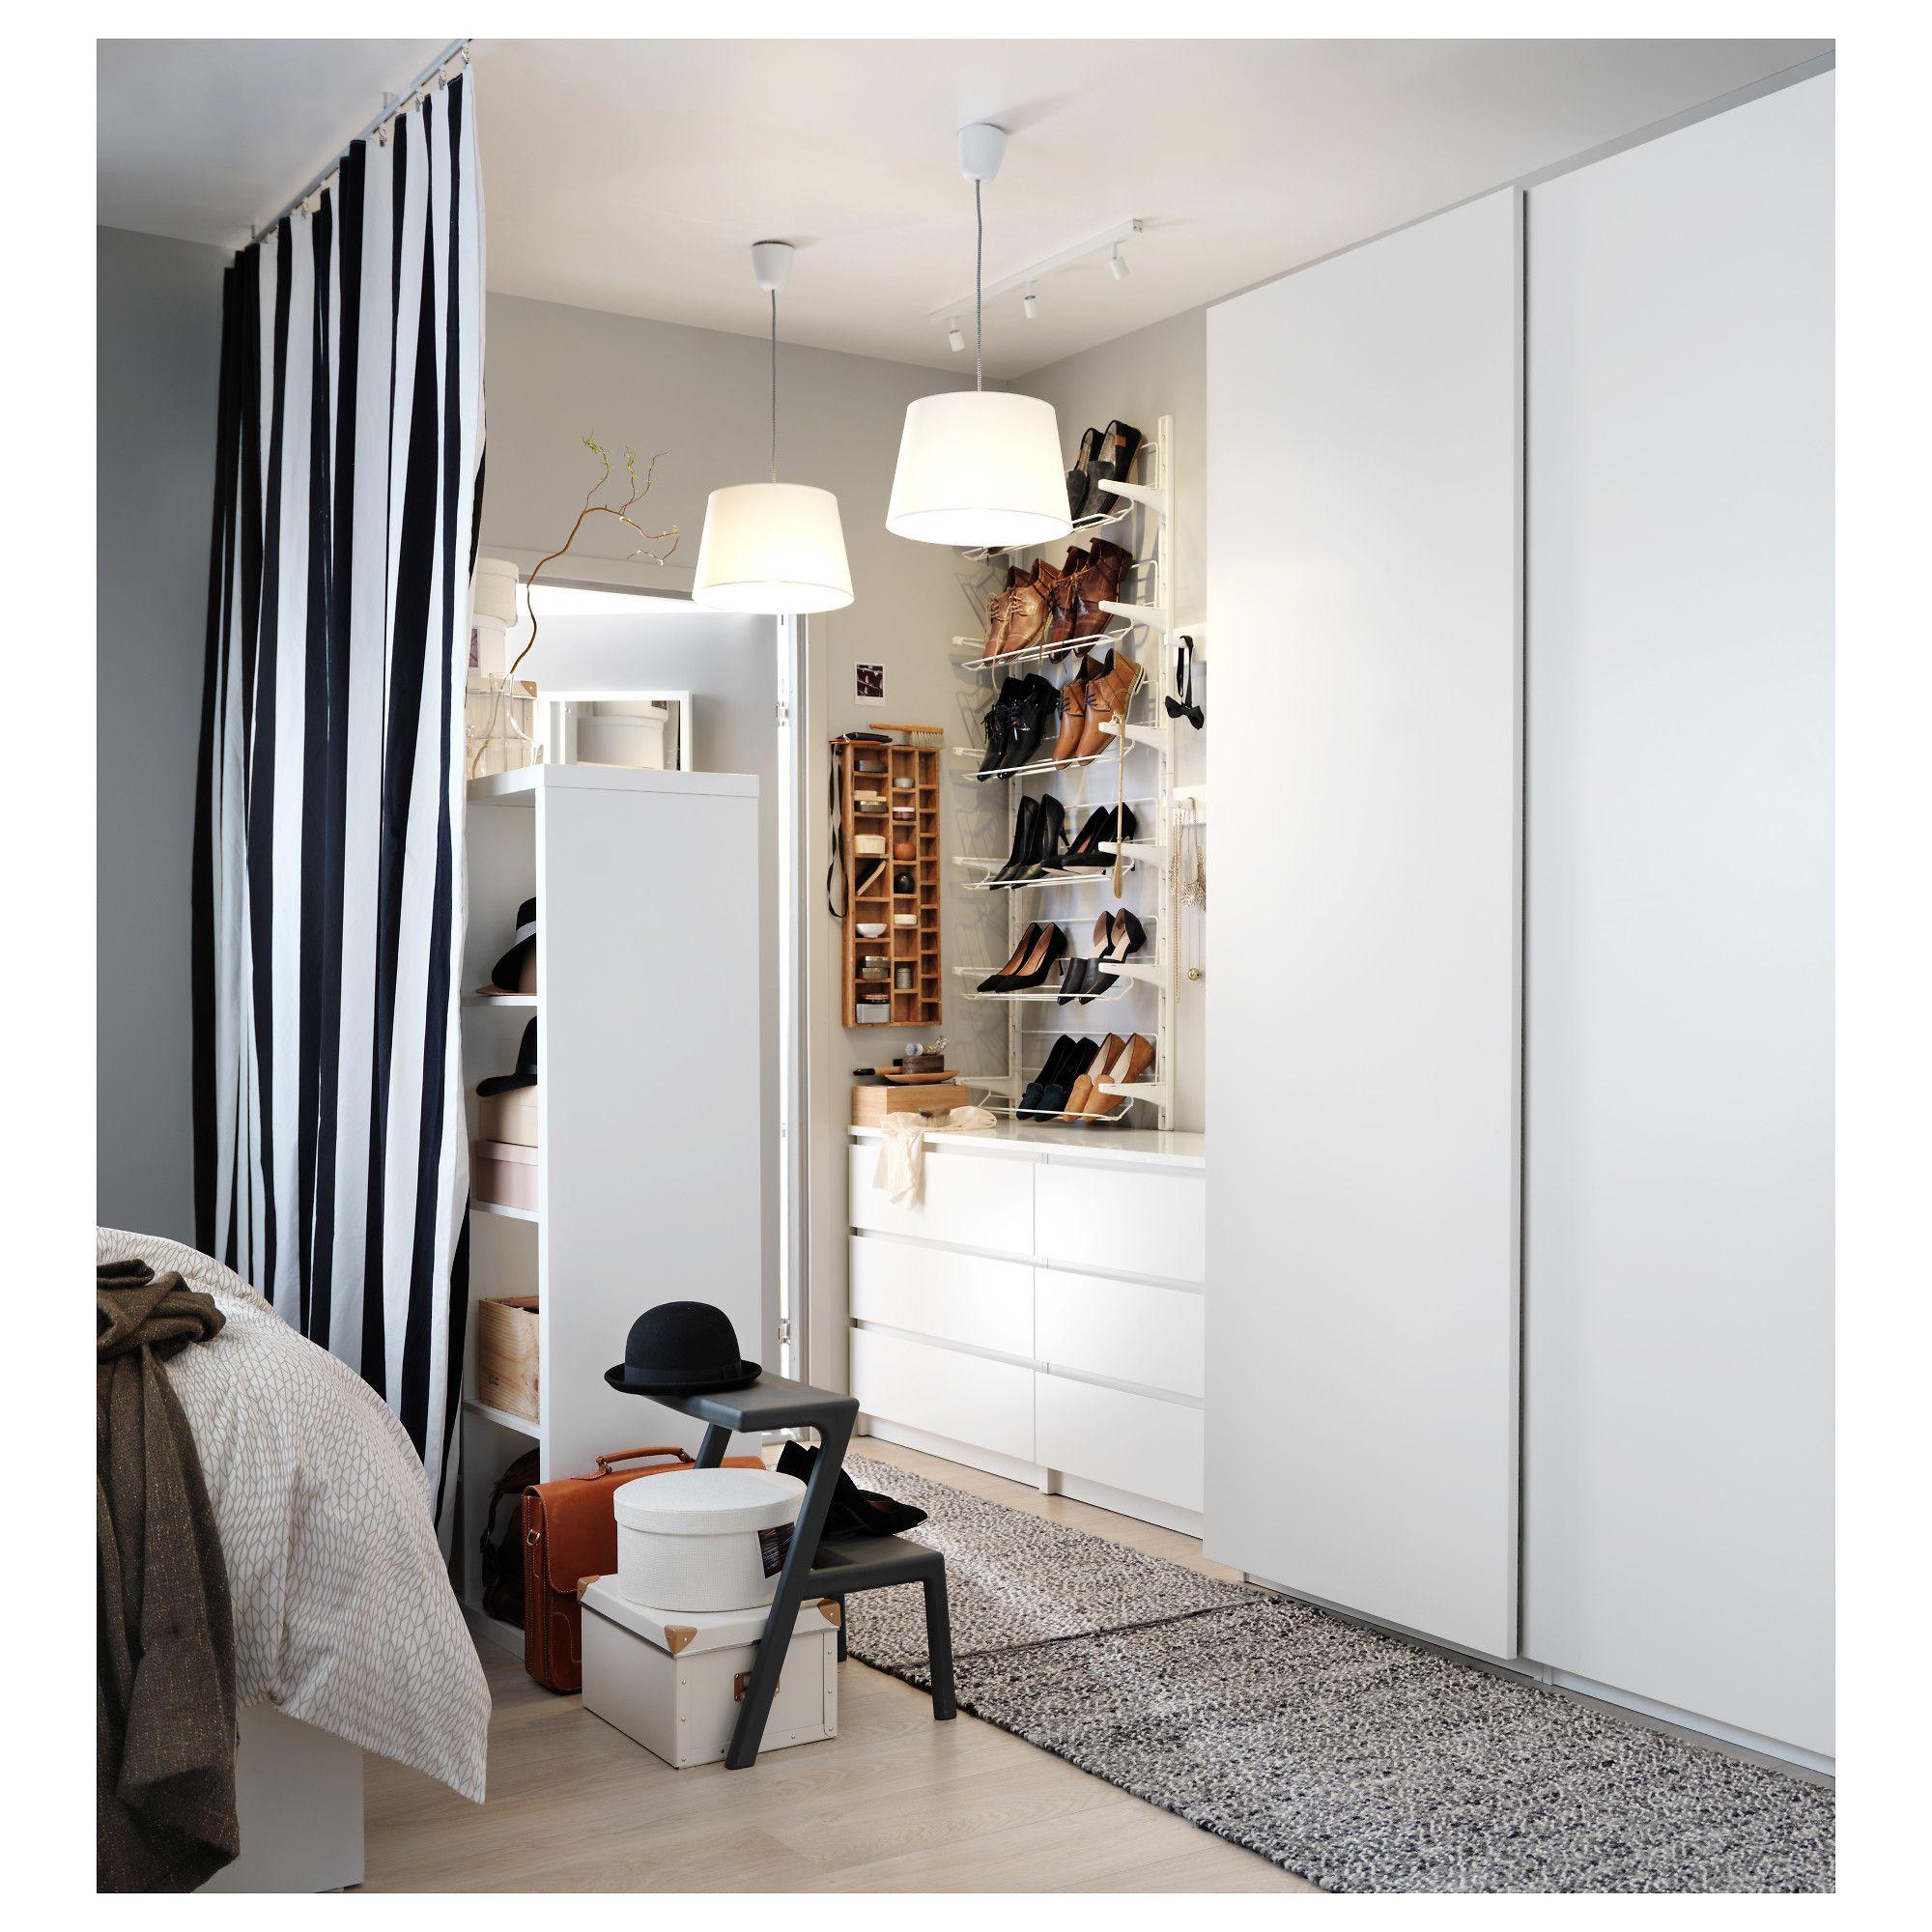 PAX Wardrobe white, Hasvik white Pax wardrobe, Ikea